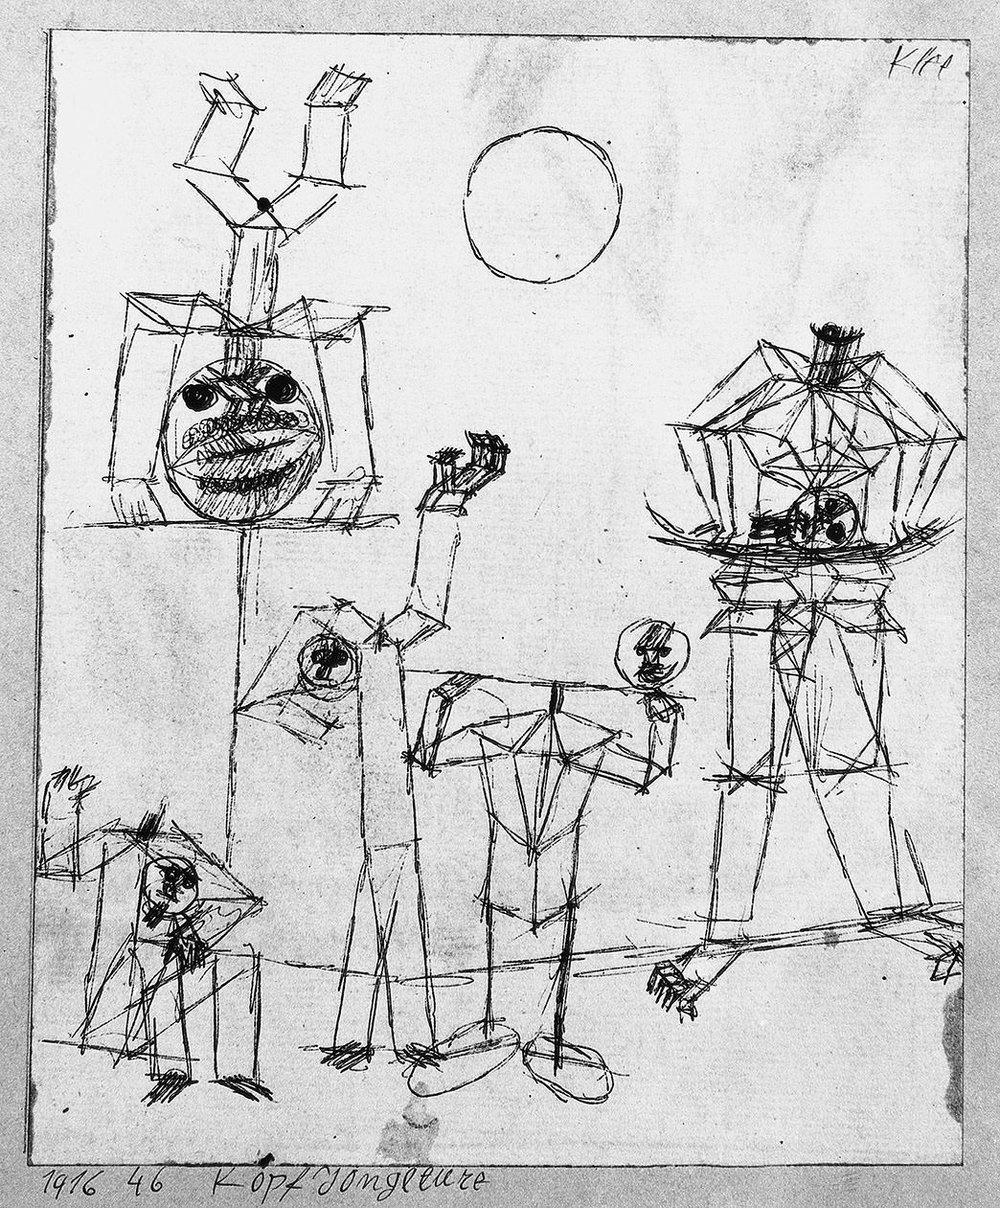 Abb.38 Paul Klee, Kopf Jongleure, 1916, 46 , Feder auf Papier auf Karton , 17 x 14 cm , Standort unbekannt © Zentrum Paul Klee, Bern, Archiv